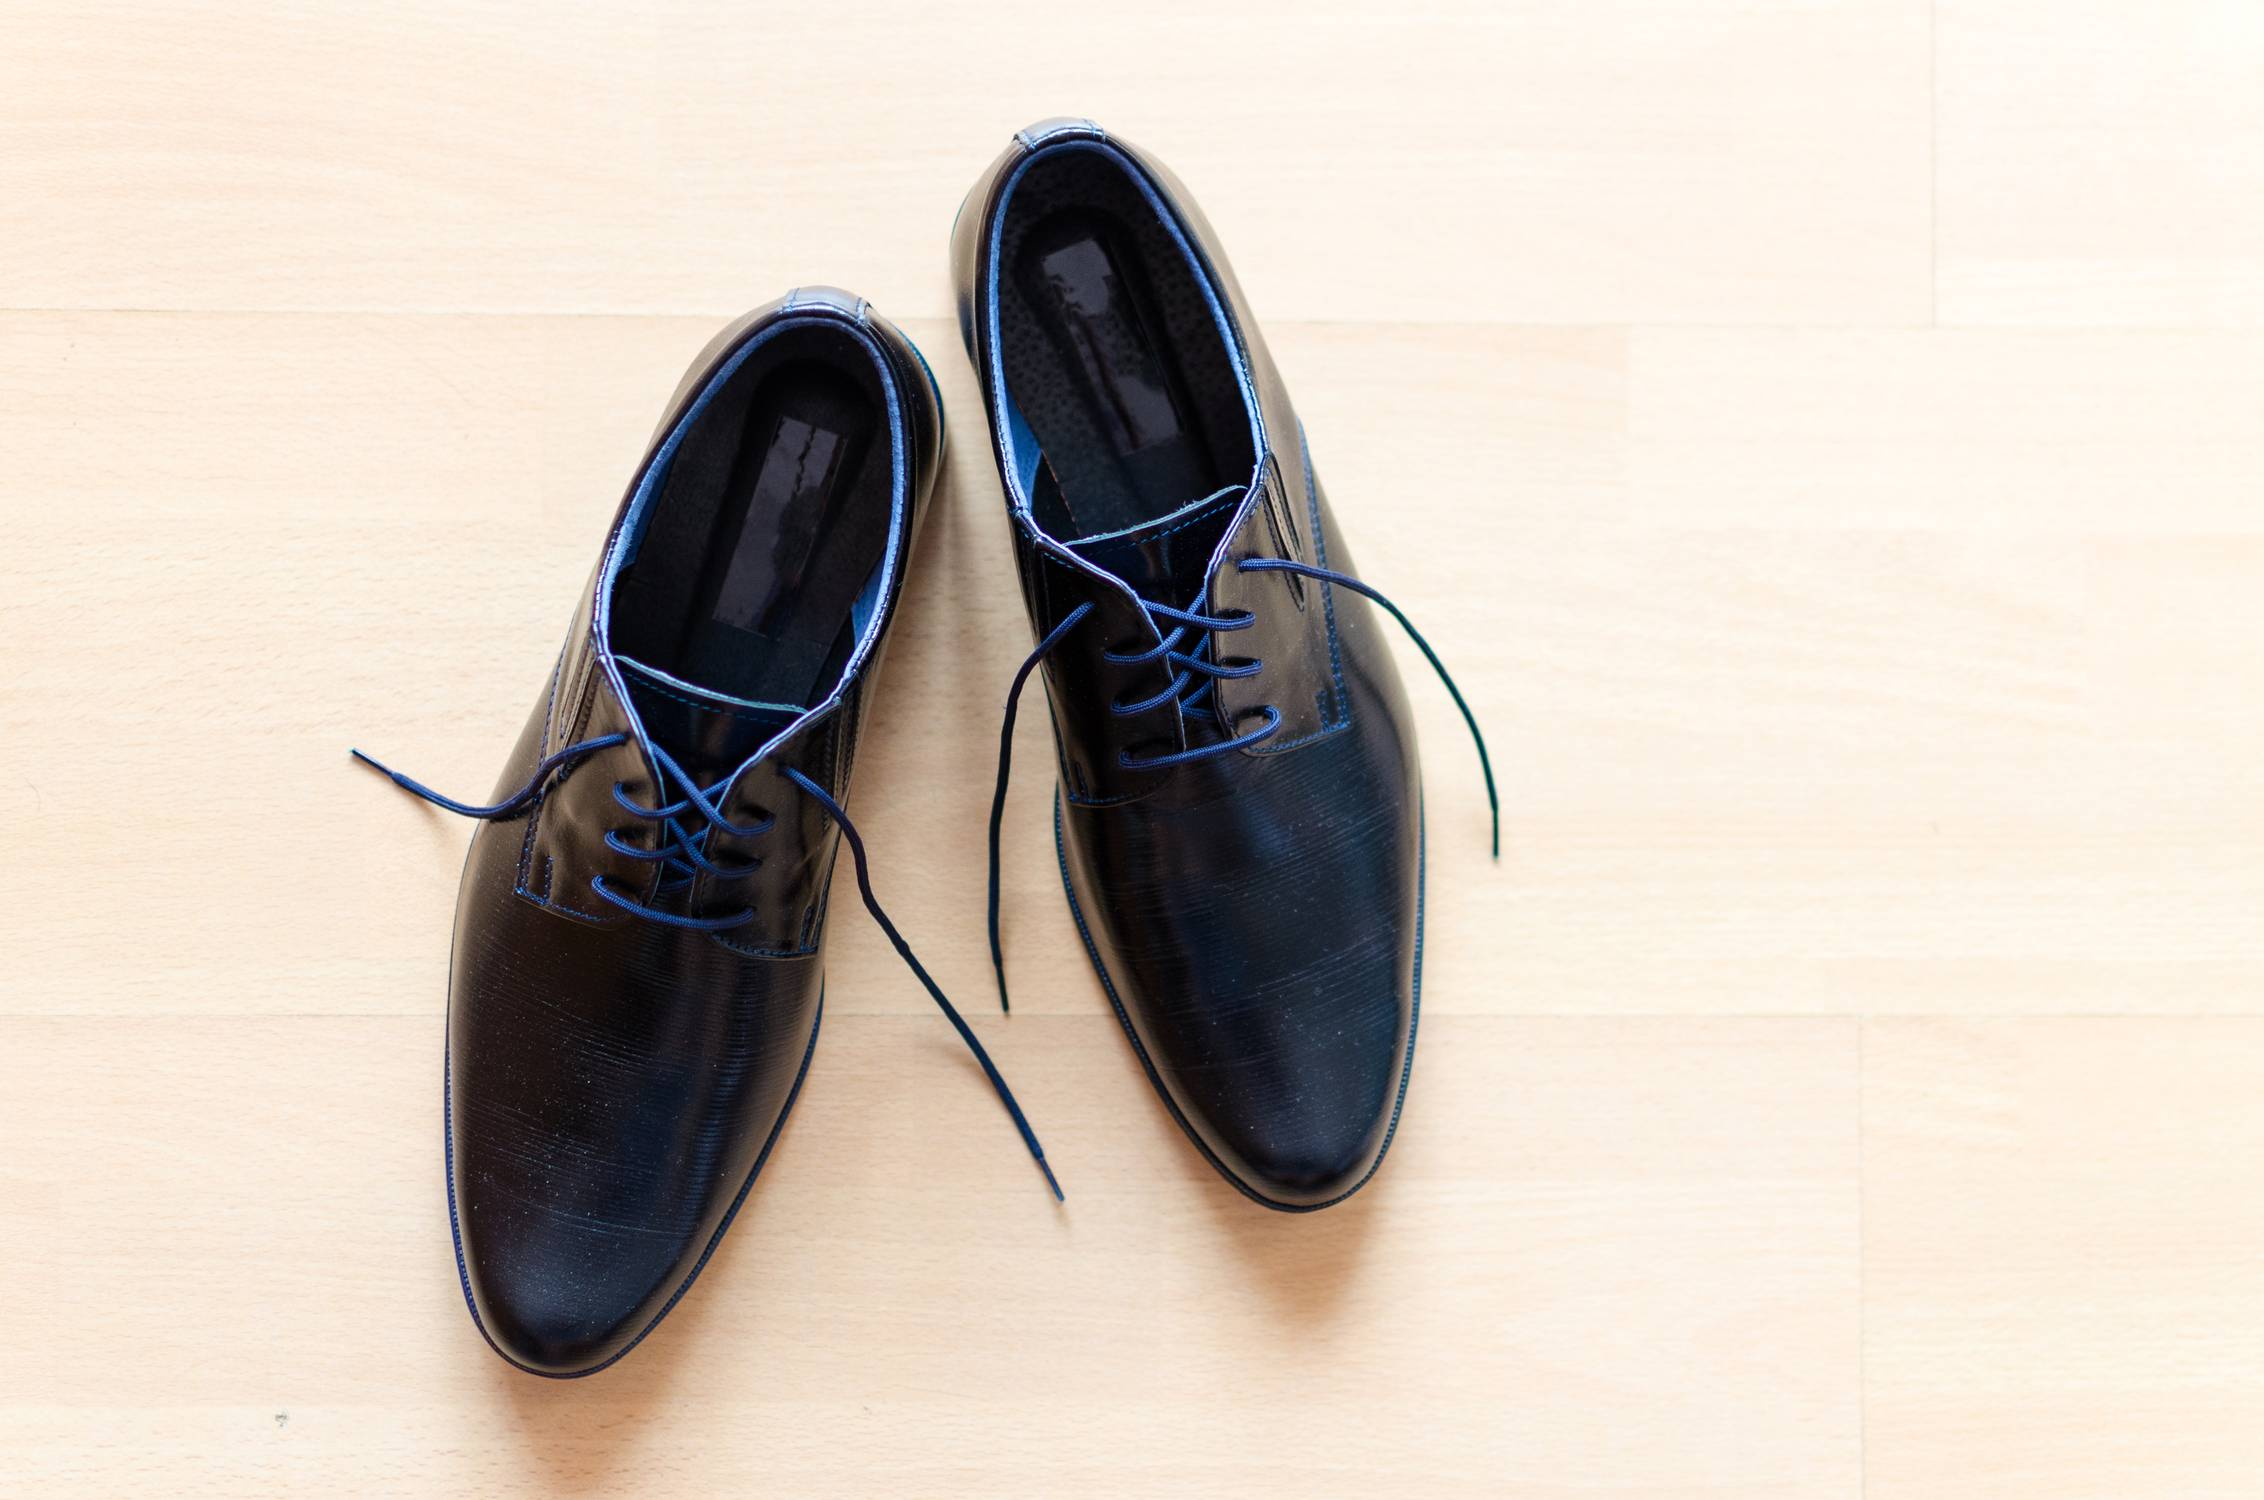 Original image of shoes